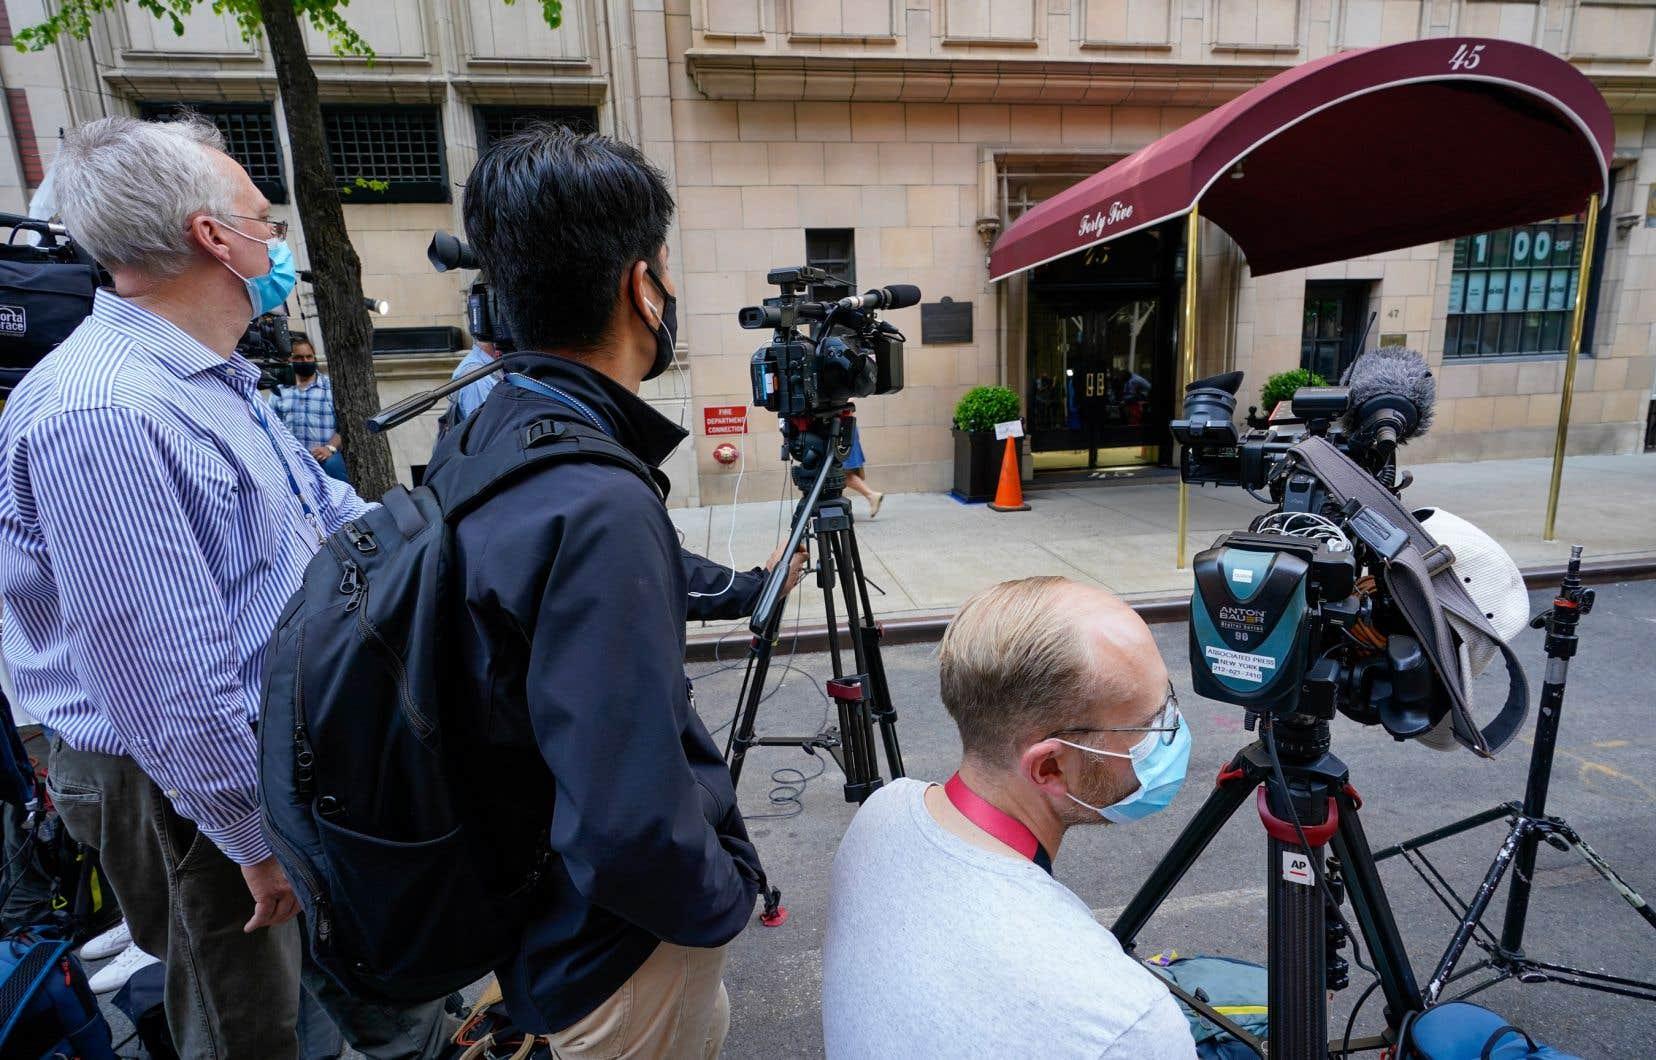 Des journalistes attendent devant l'immeuble où réside l'ancien maire de New York Rudy Giuliani, mercredi 28 avril 2021, à New York.